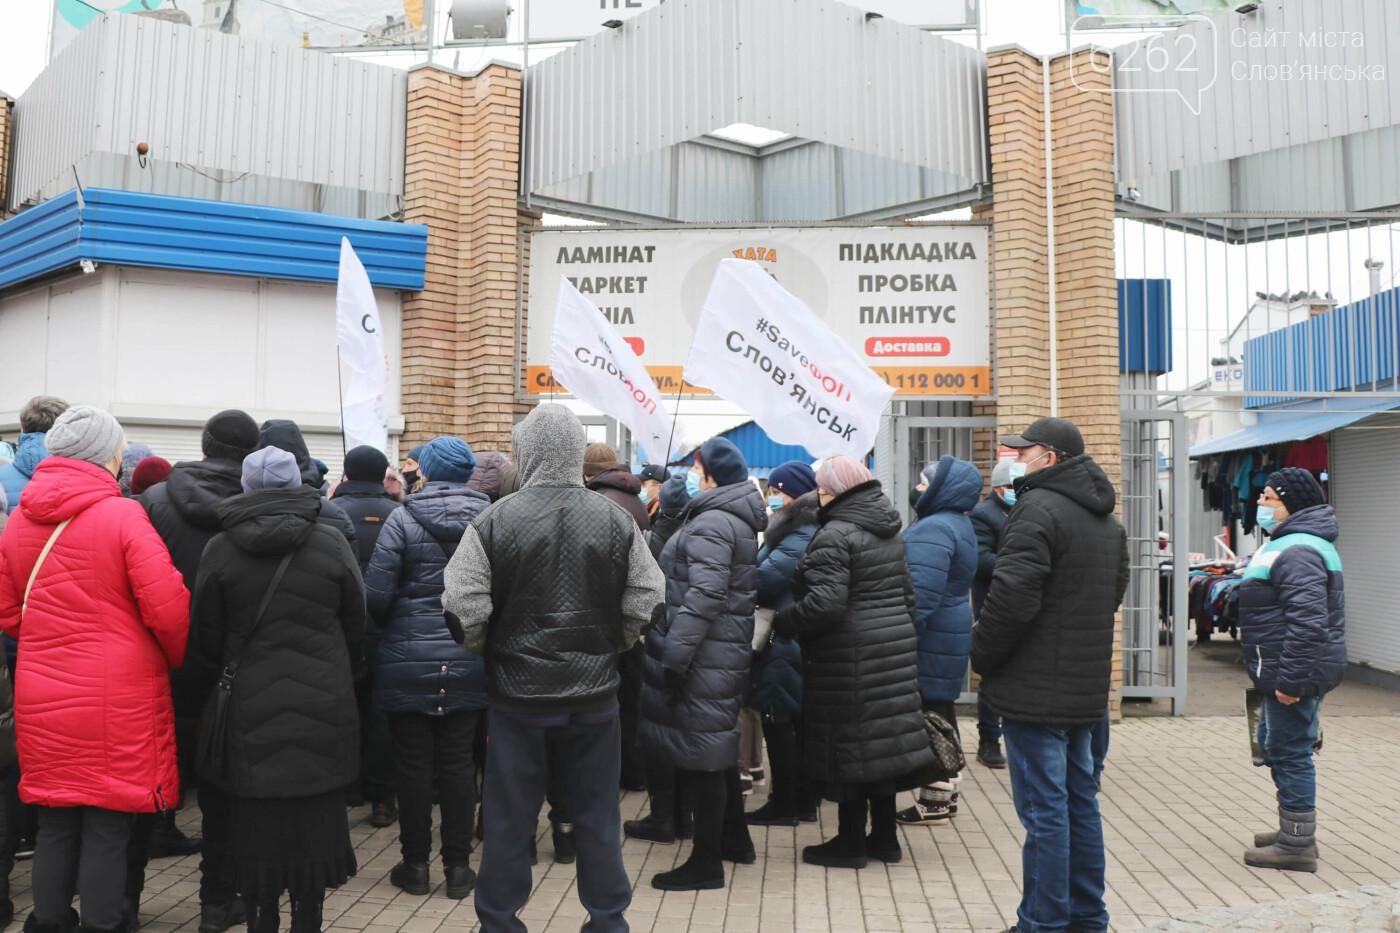 Save ФОП: у Слов'янську підприємці вийшли на мітинг - ФОТО, фото-11